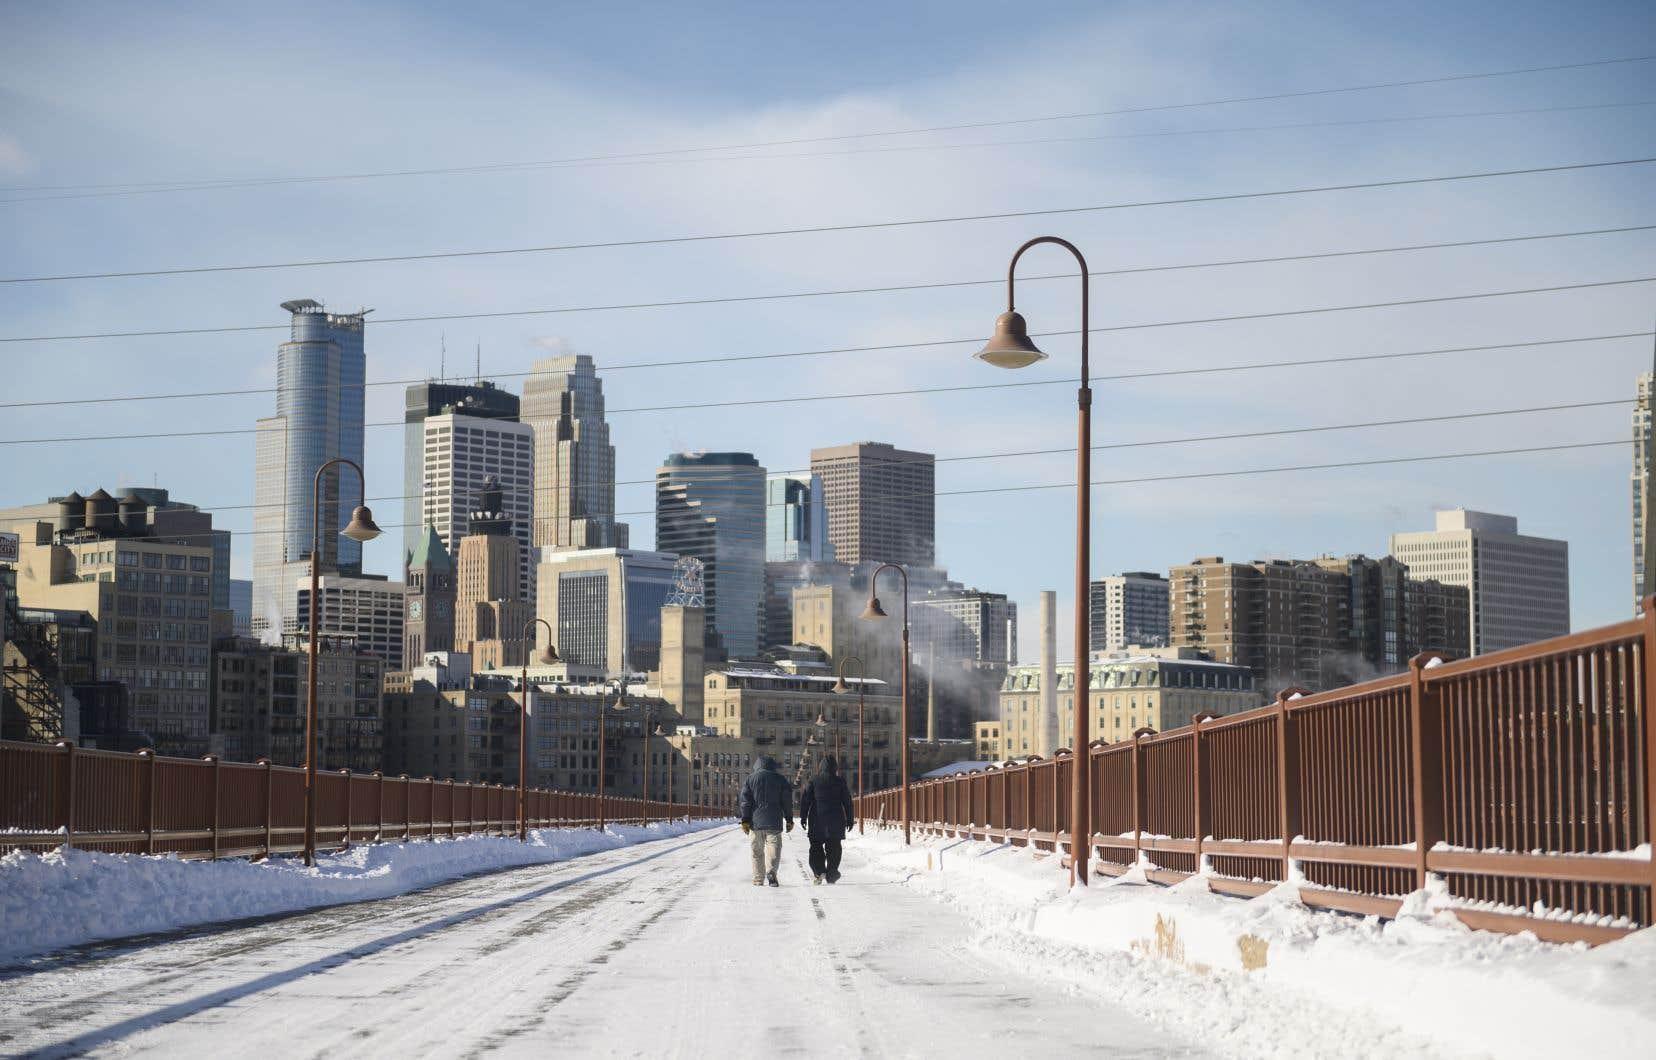 <p>À Minneapolis, les autorités ont ouvert des centres d'hébergement d'urgence dans les bâtiments publics et les bibliothèques, alors que les passagers des bus et des trains pourront rester à l'abri pour se réchauffer.</p>